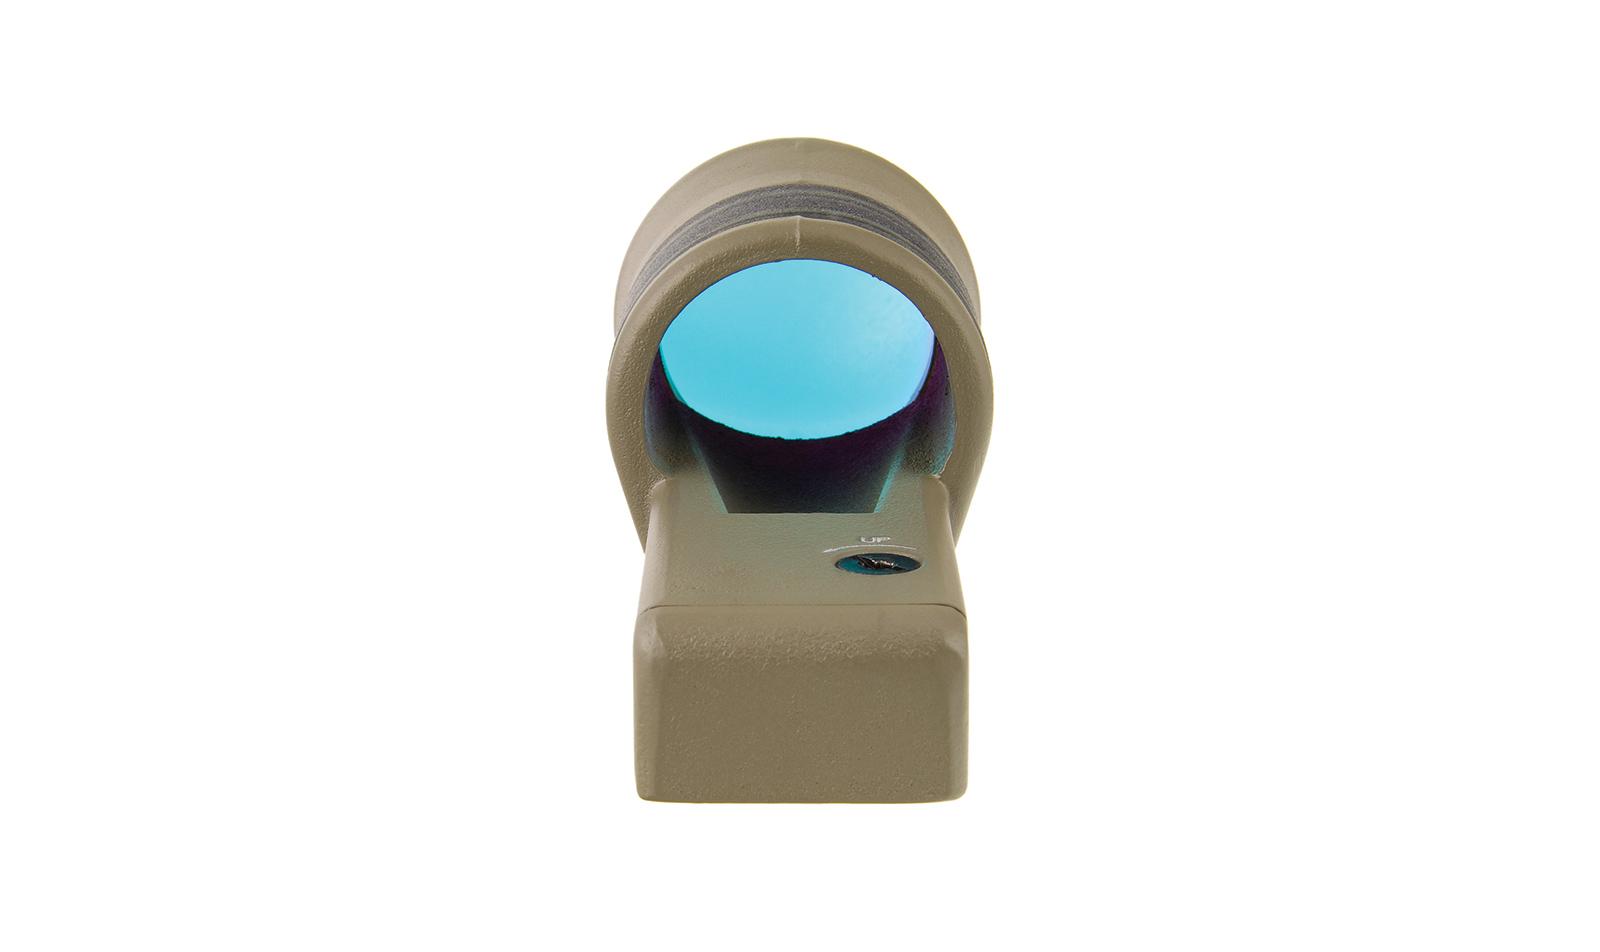 RX30-C-800067 angle 4